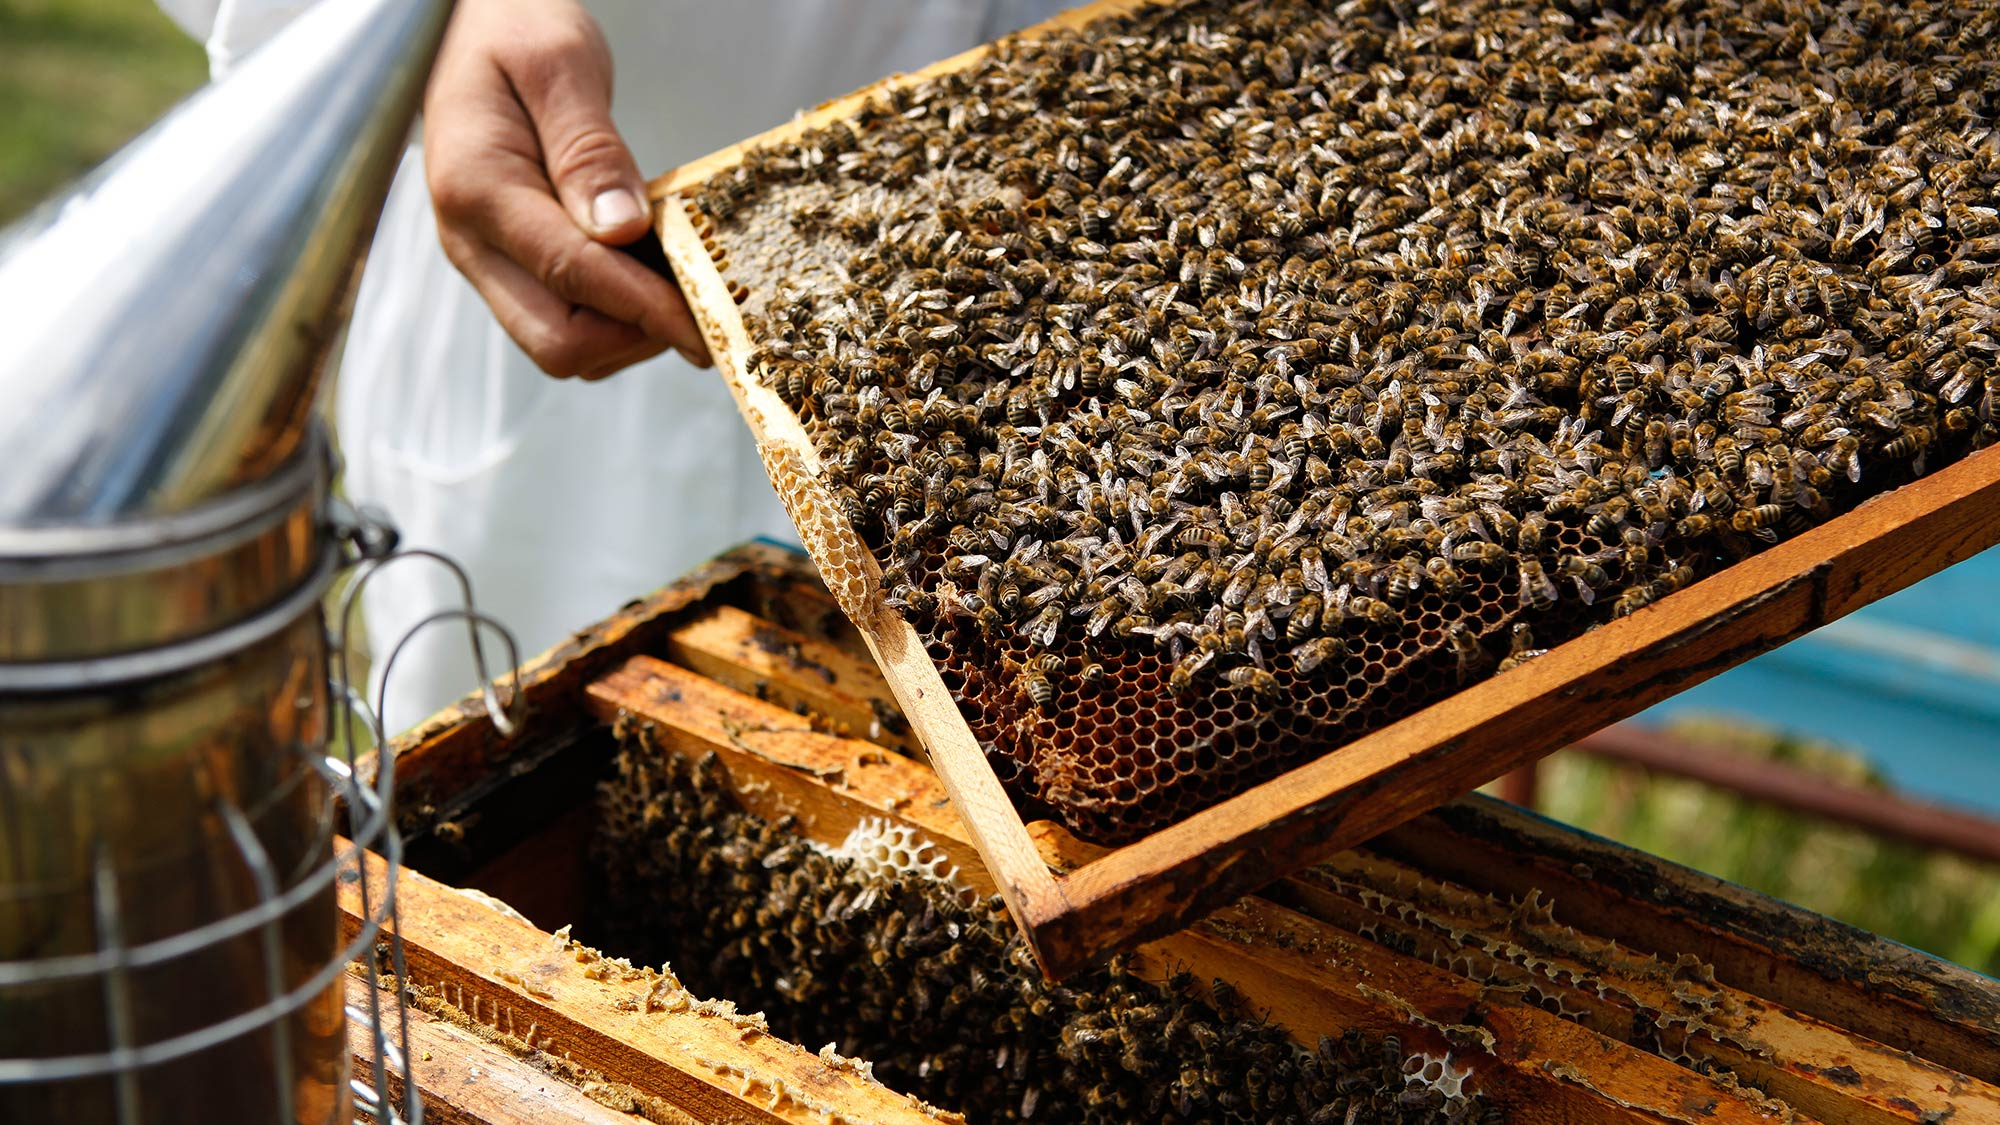 Beekeeper taking beehive frame